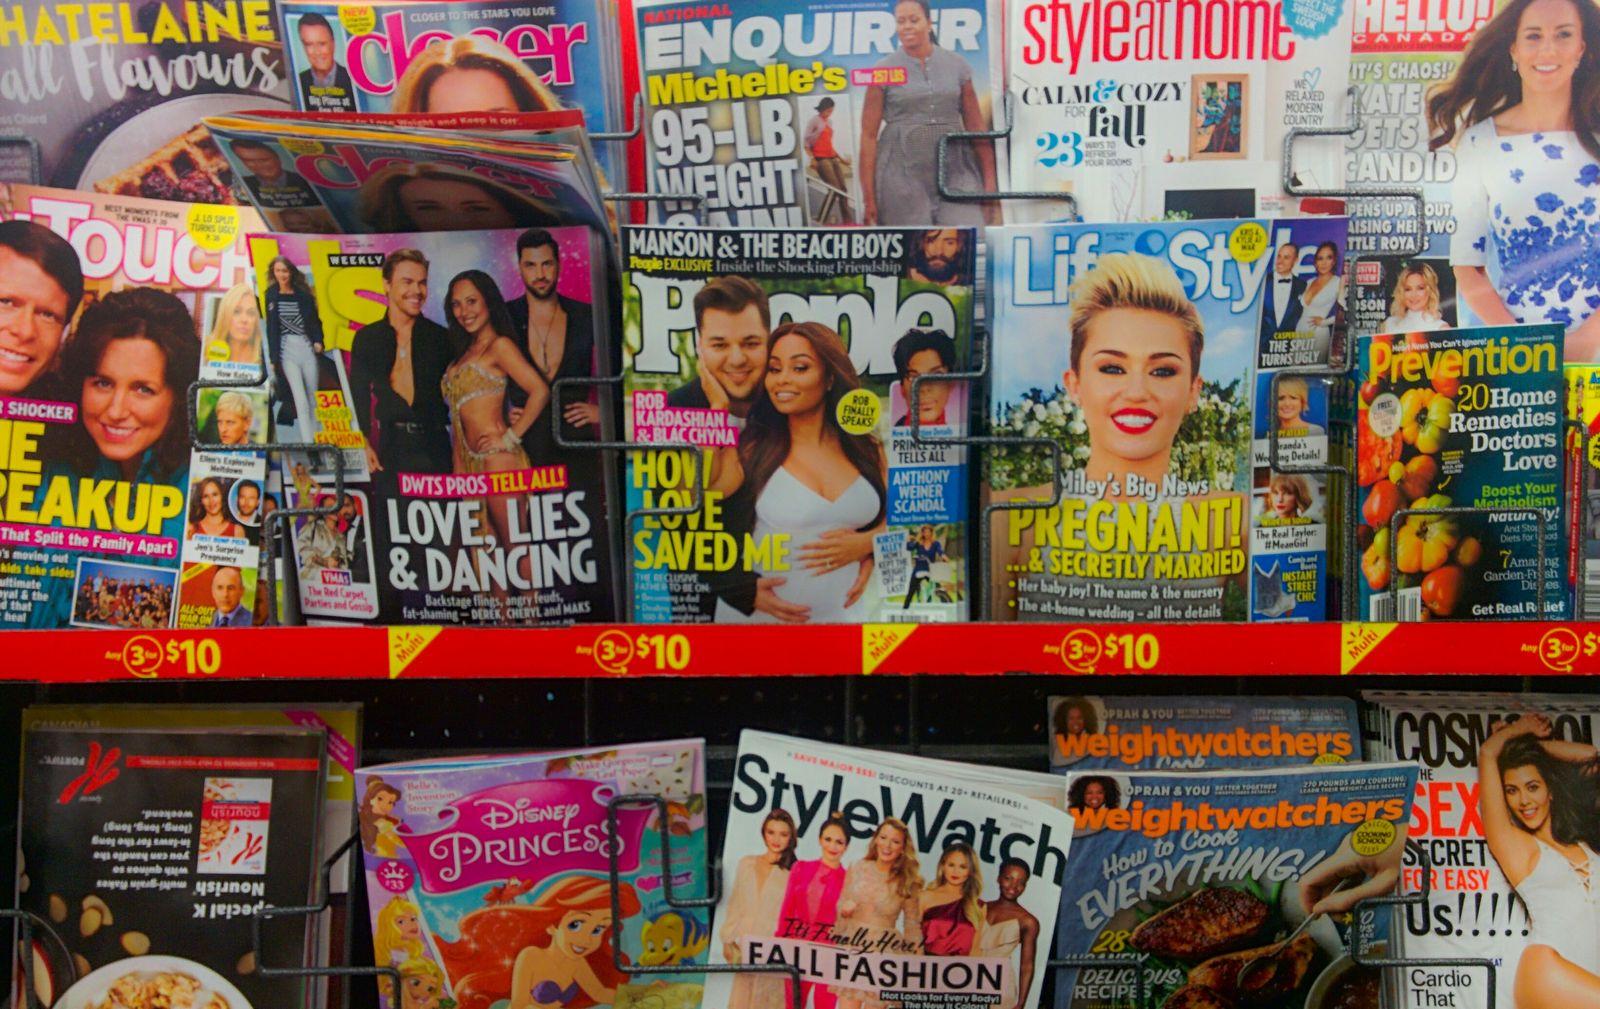 La obsesión de perder peso en el paraíso de la obesidad